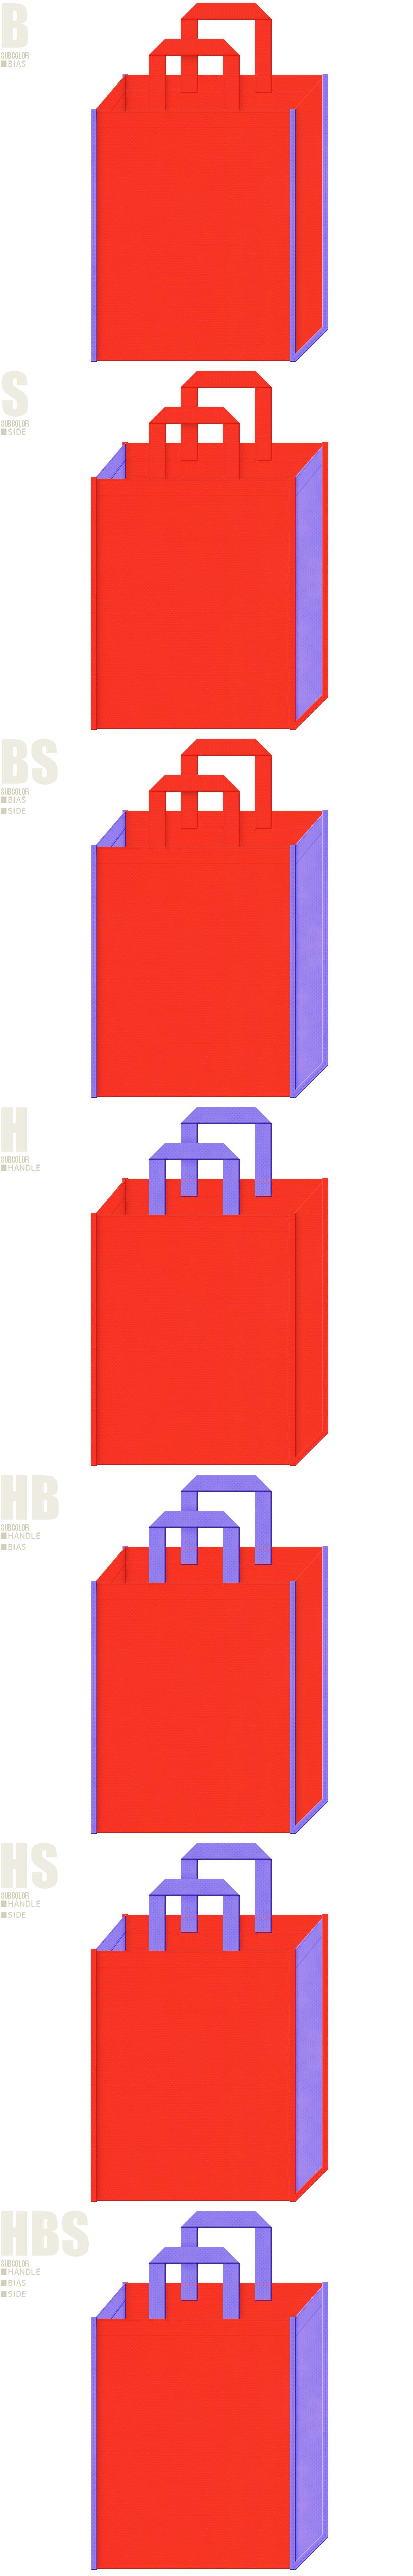 不織布バッグのデザイン:オレンジ色と薄紫色の配色7パターン